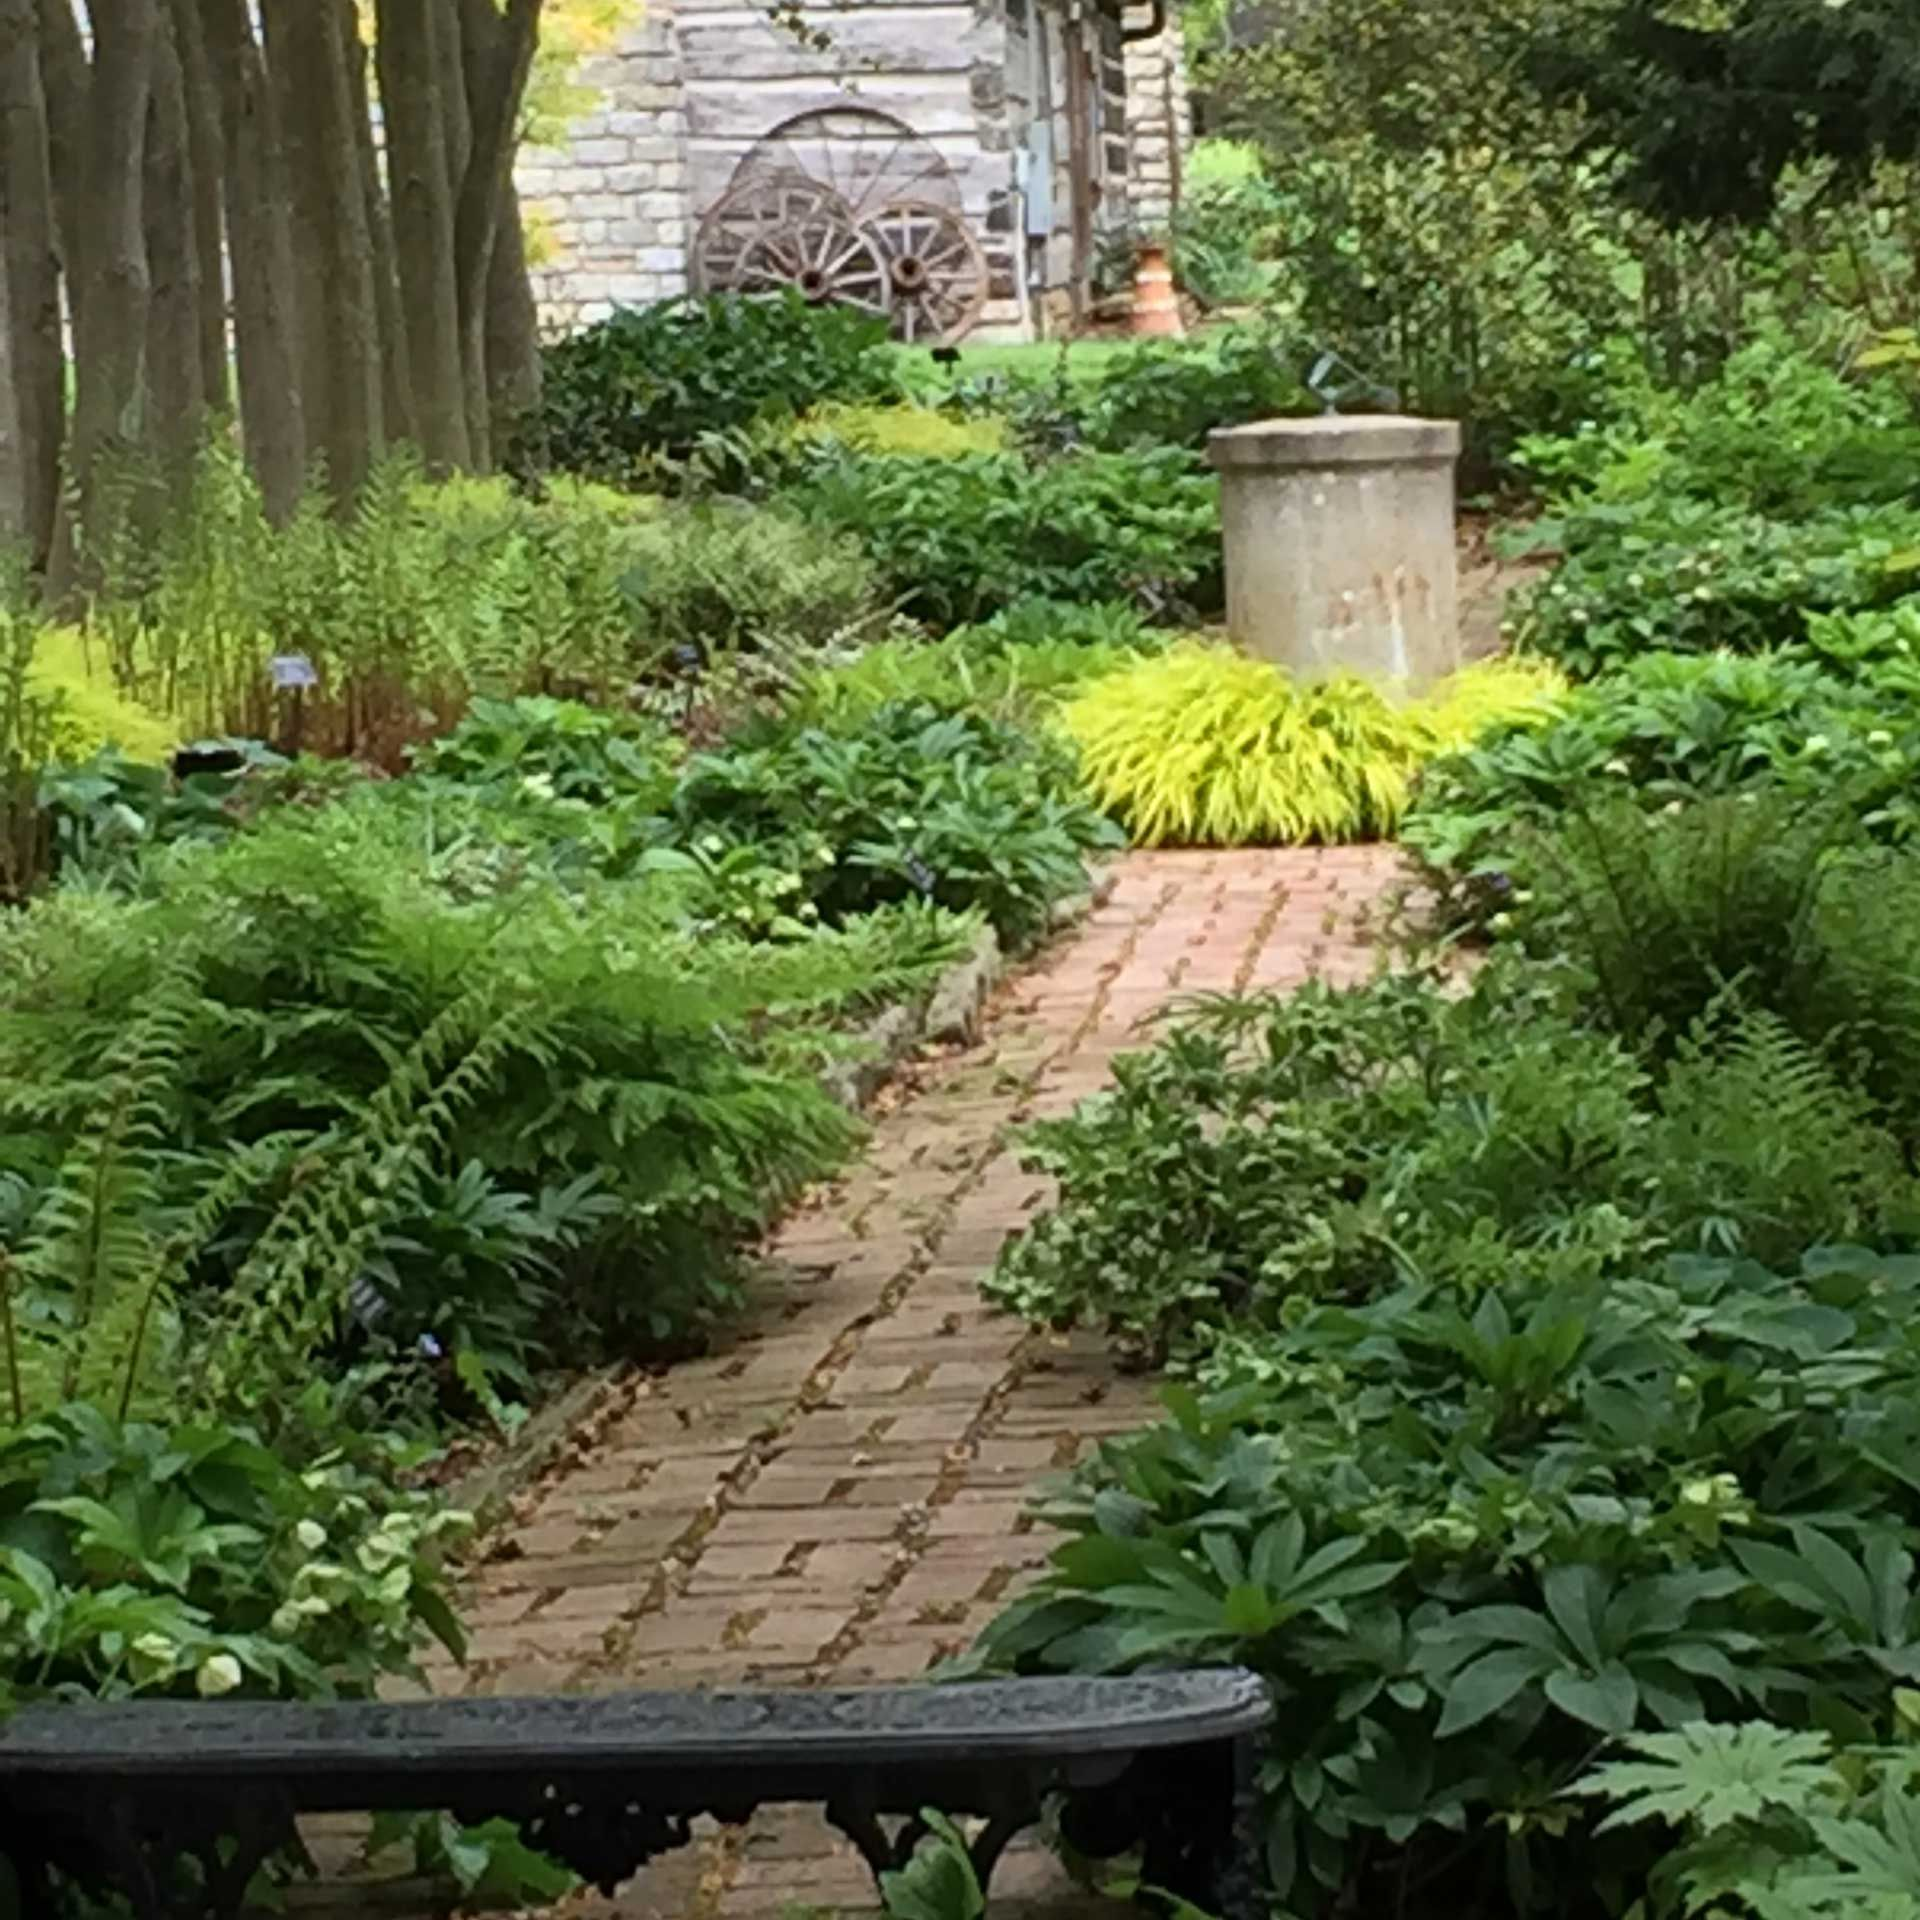 e6552dcc39fa46544a460e5a26684873 - Yew Dell Botanical Gardens Louisville Ky